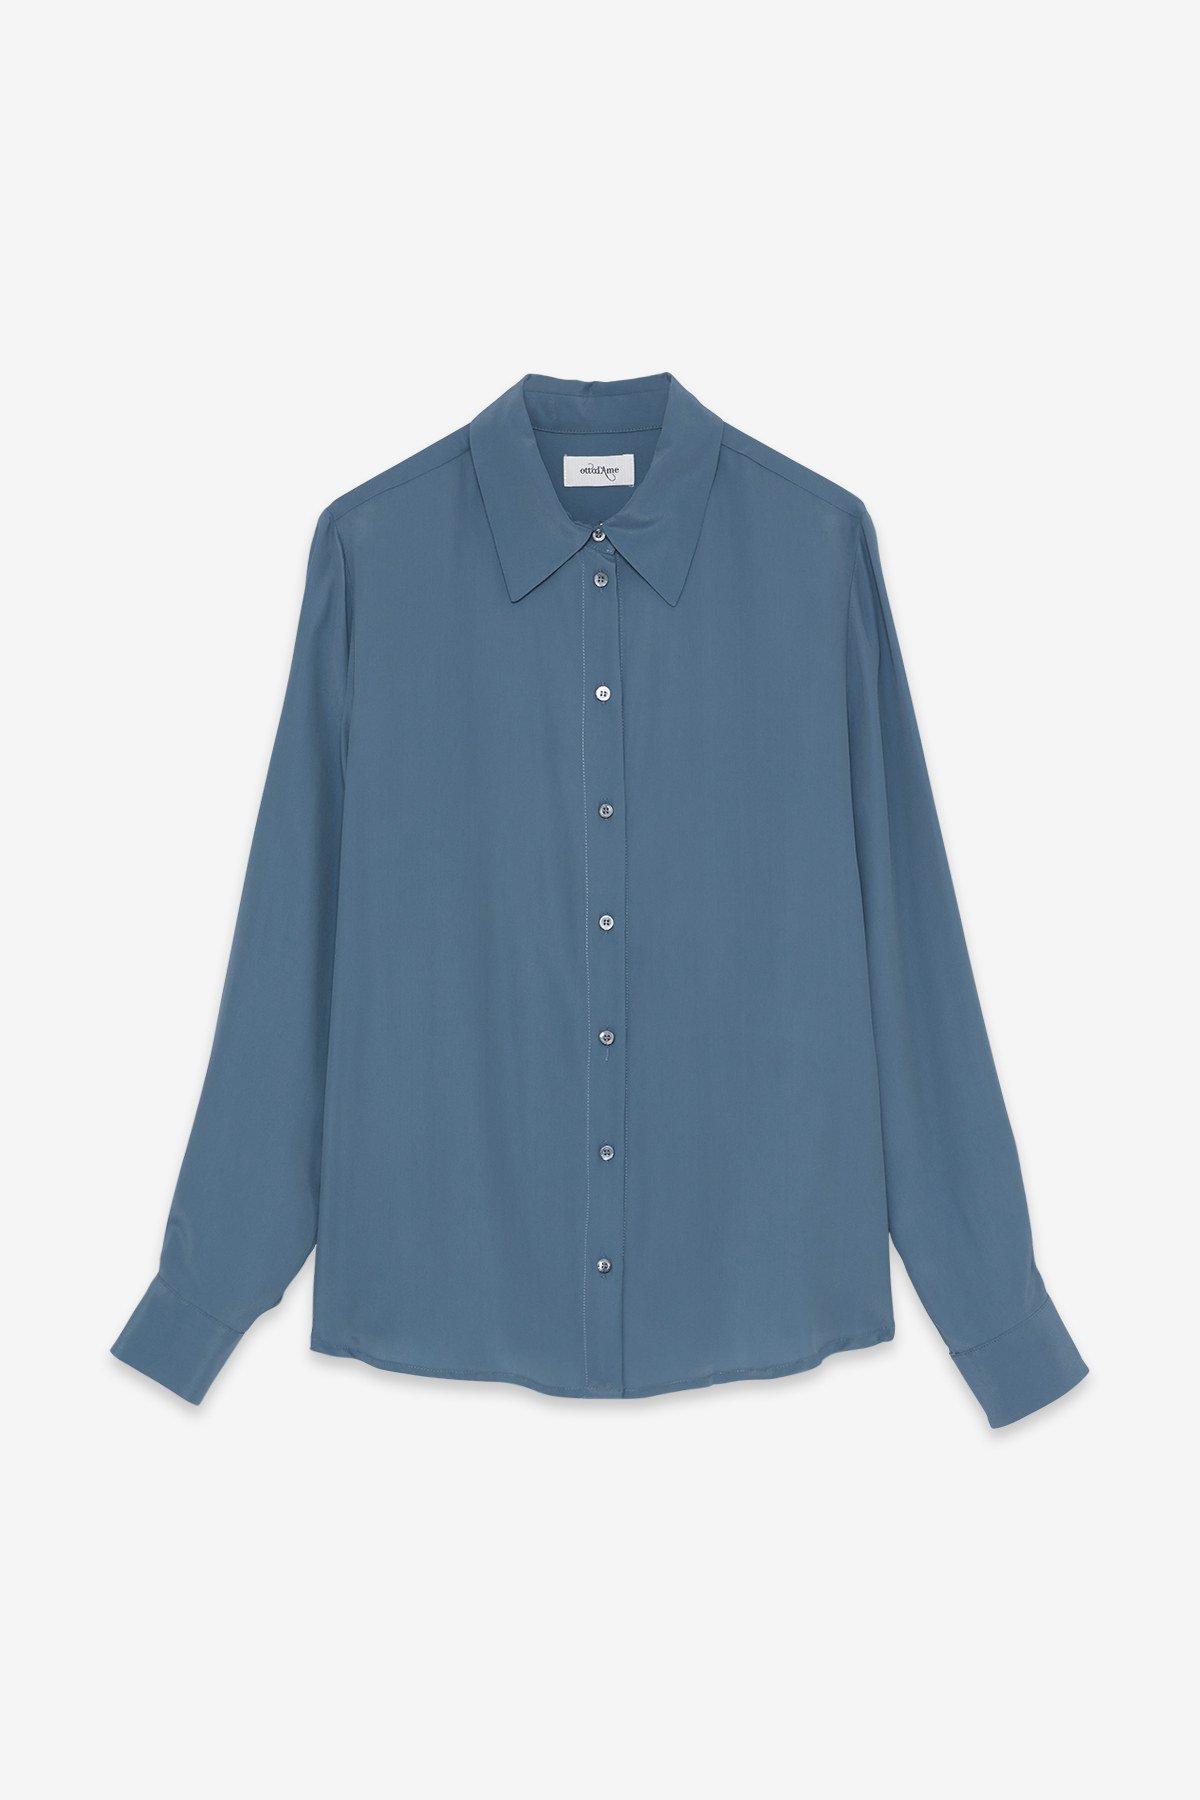 Fluid shirt